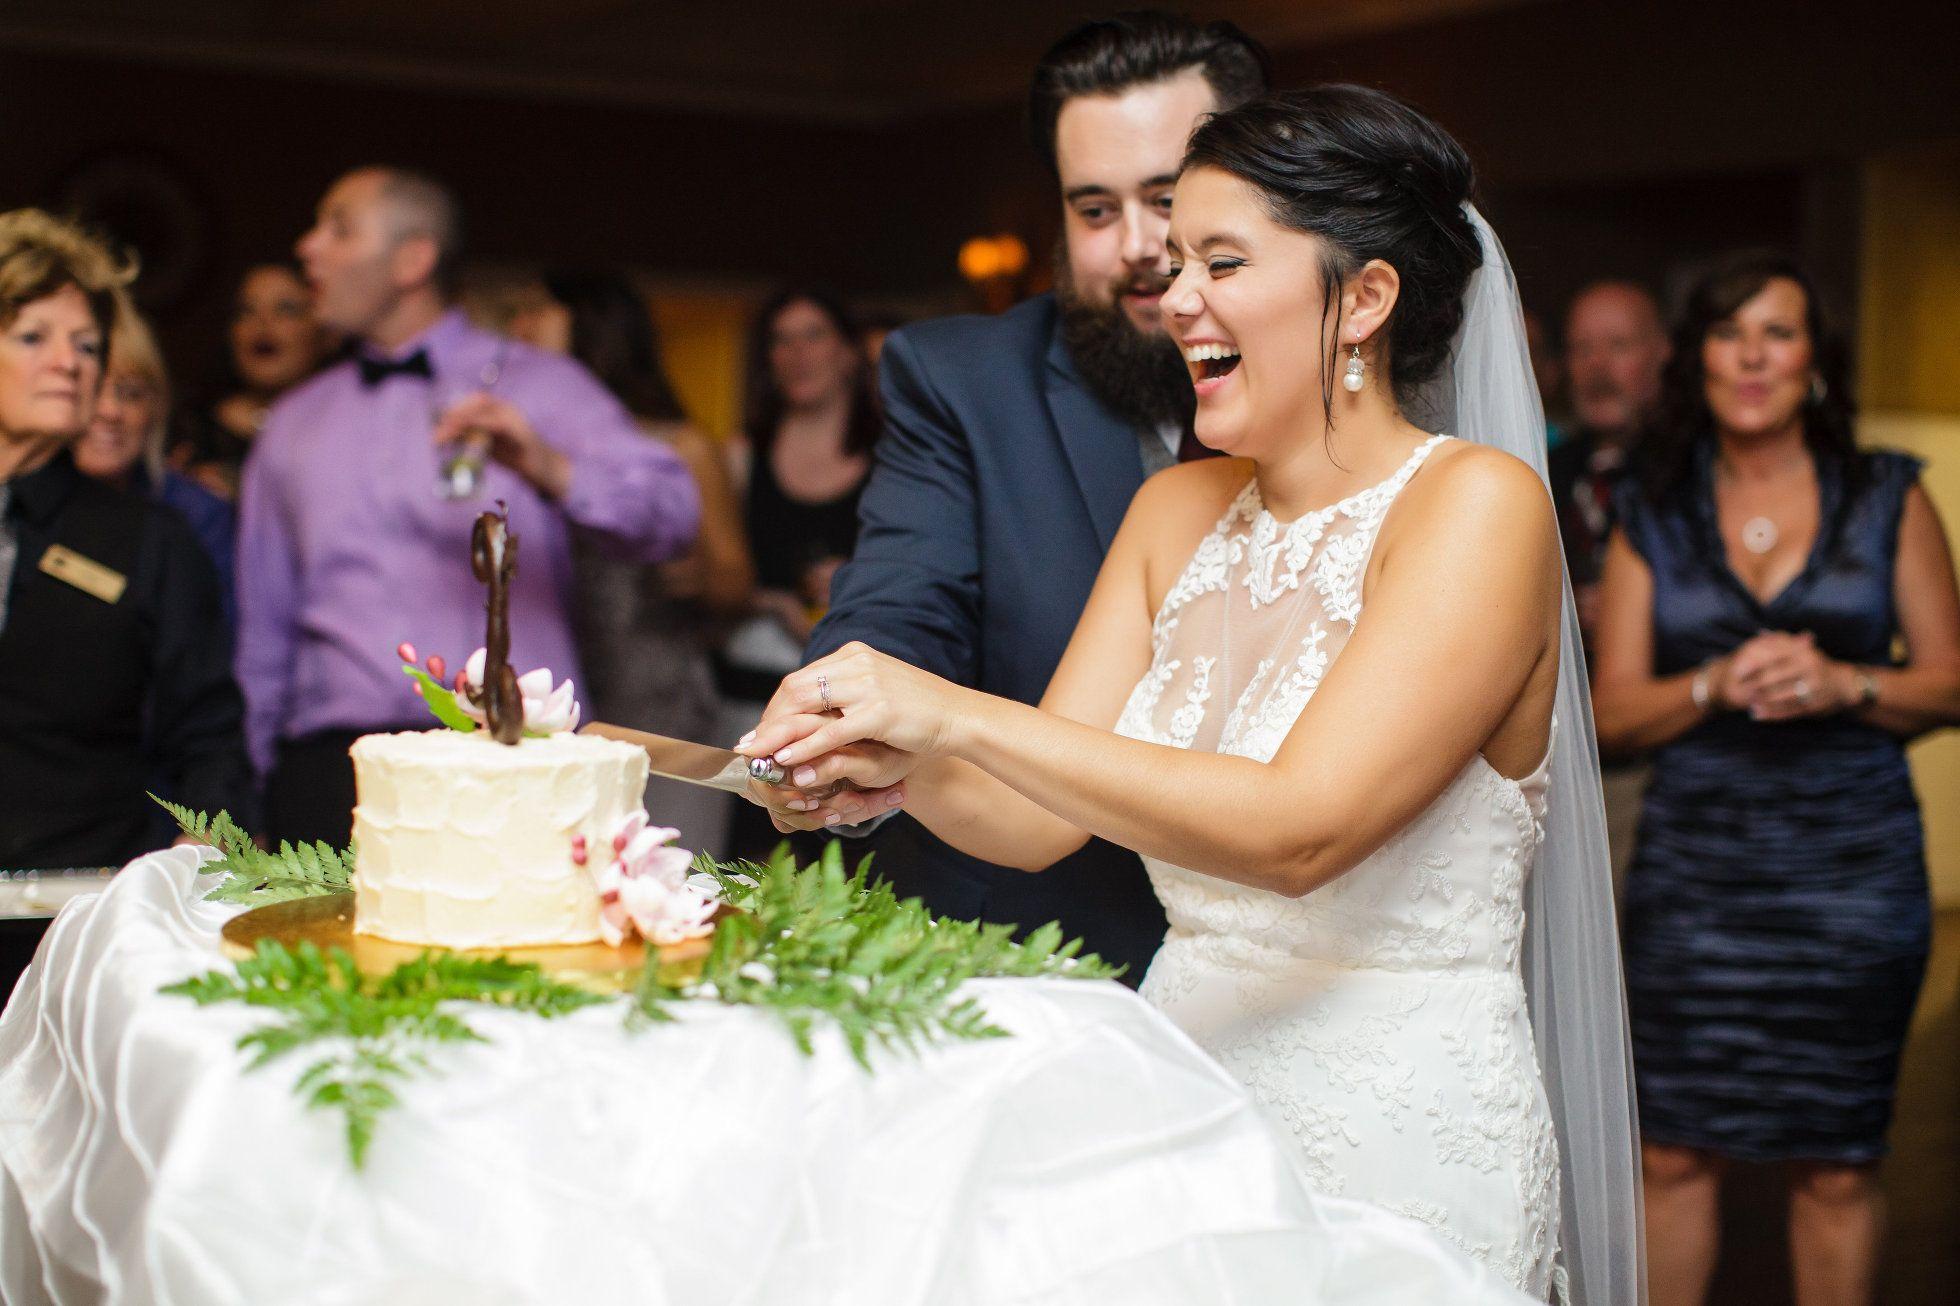 Bride And Groom Cutting Their Cake Shot By Rachel Pray Ashley